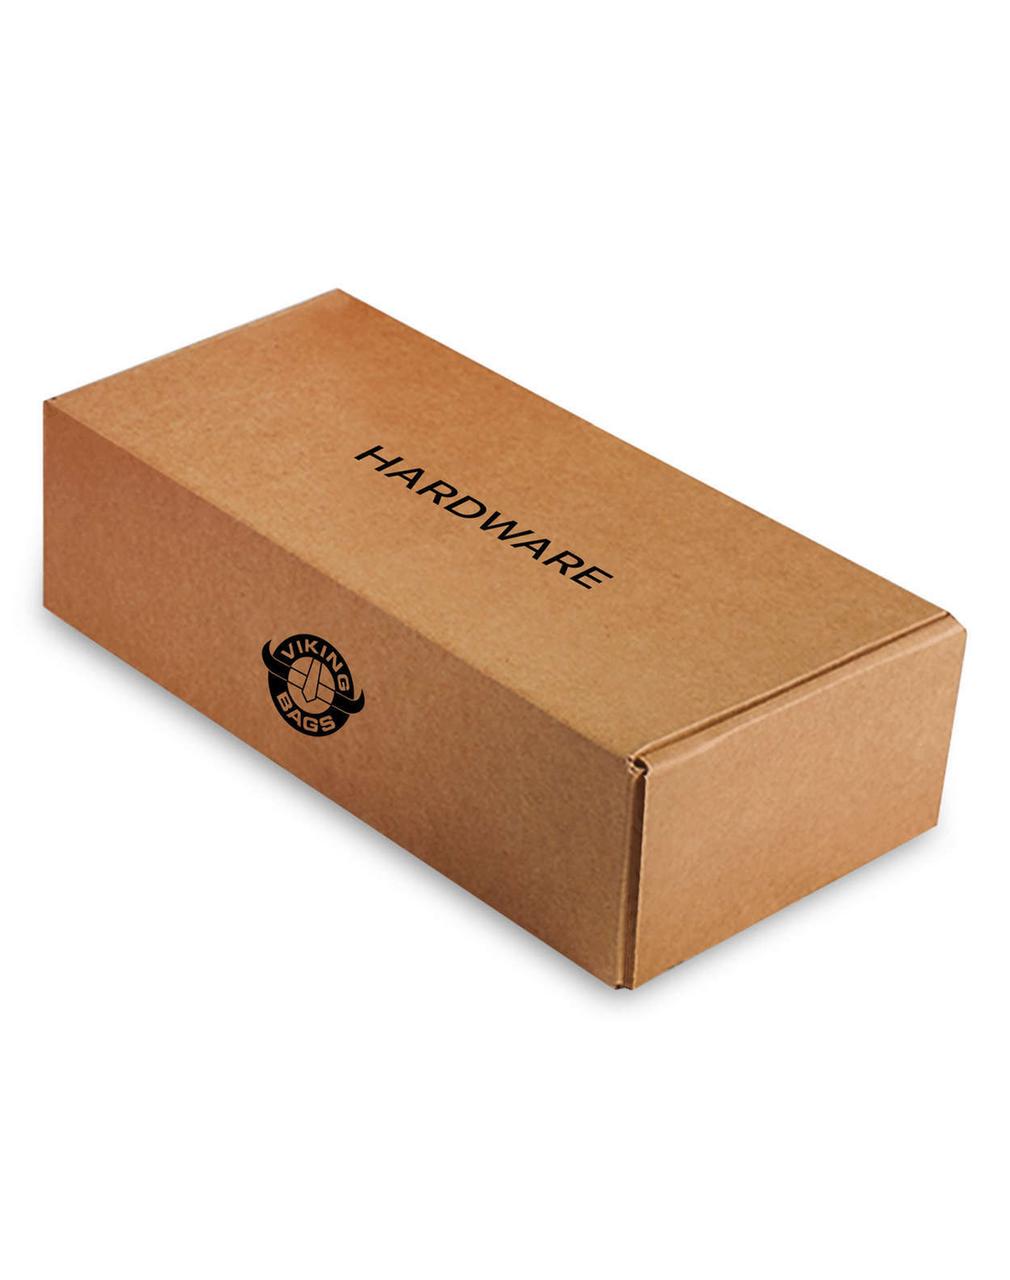 Honda VTX 1800 N Warrior Series Motorcycle Saddlebags Box